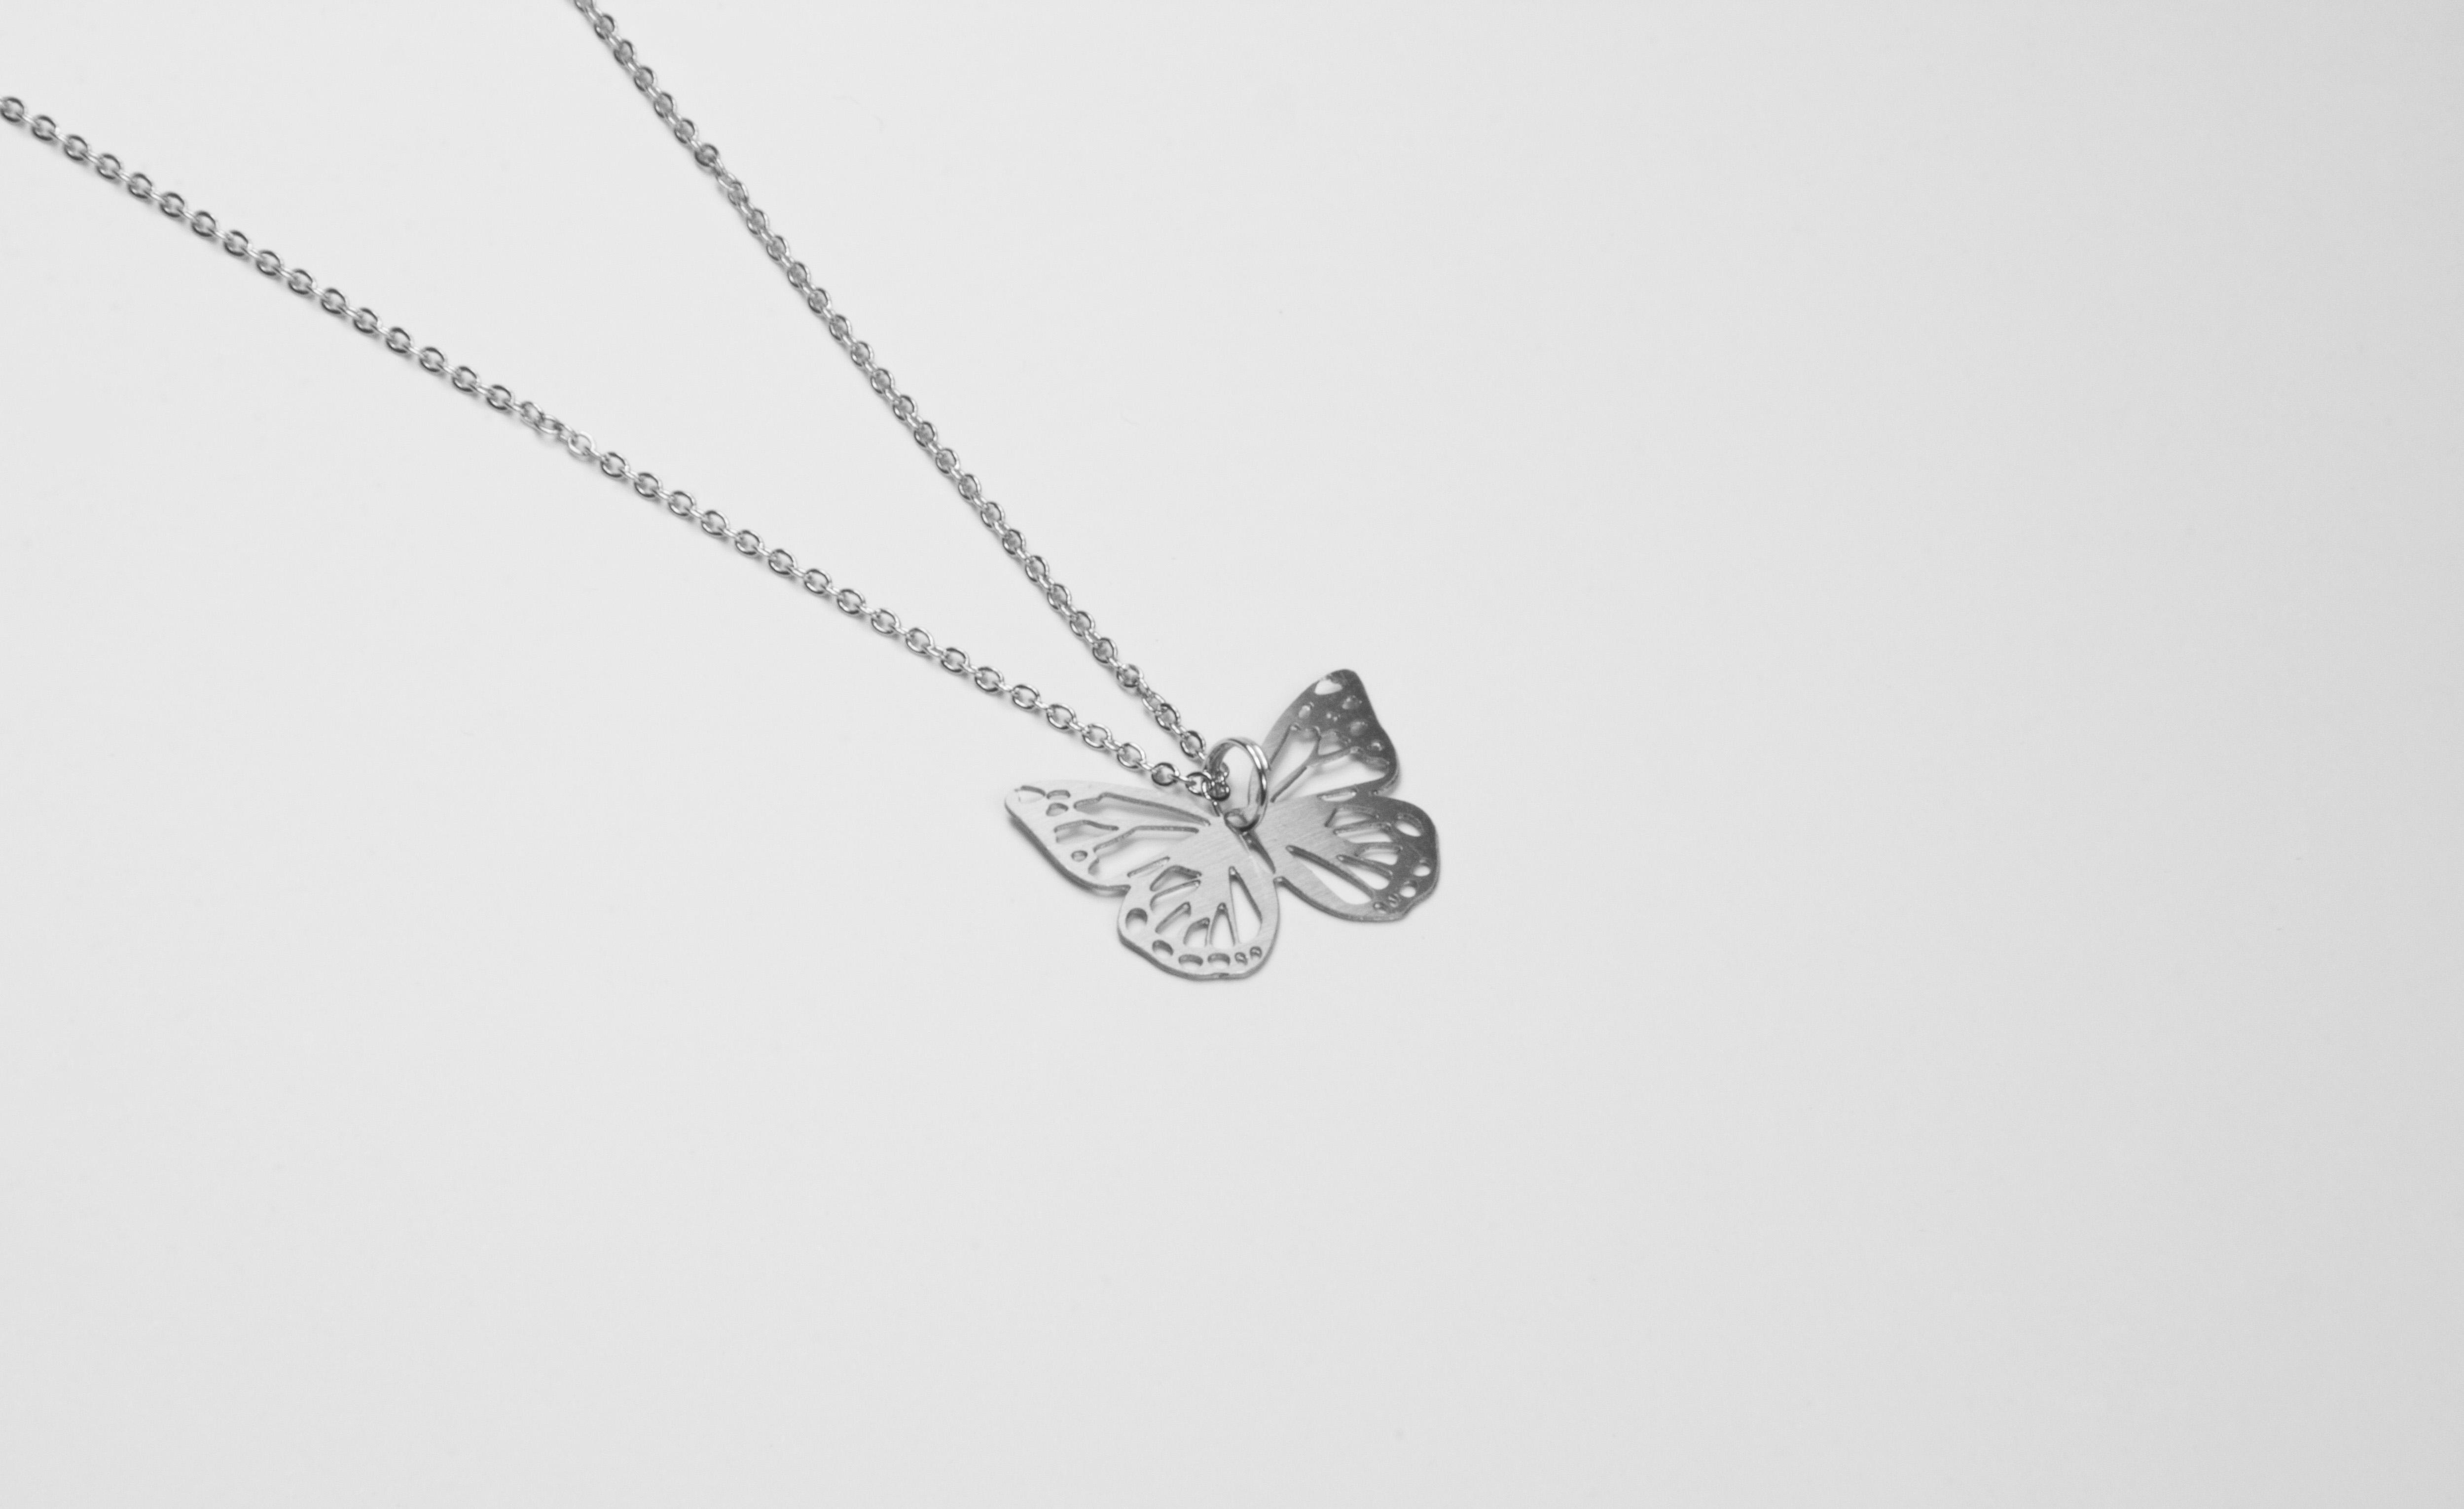 蝴蝶項鍊【迷你款】_動物系列_造題